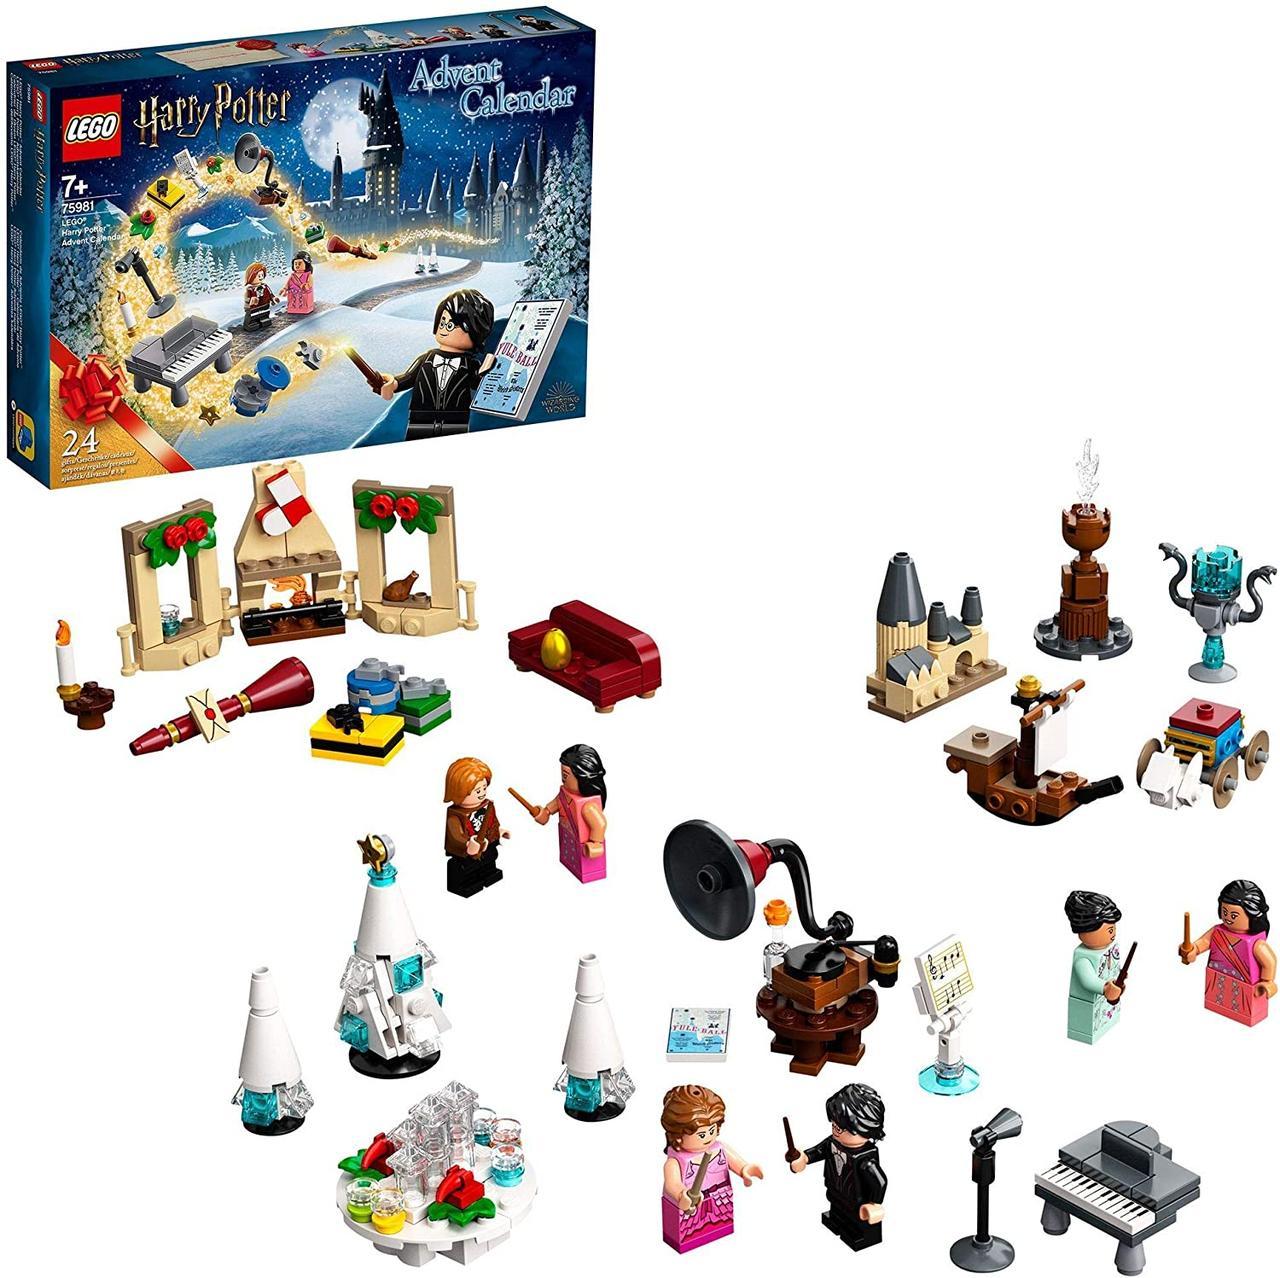 LEGO Harry Potter адвент календарь  Гарри Поттер 2020 года 75981